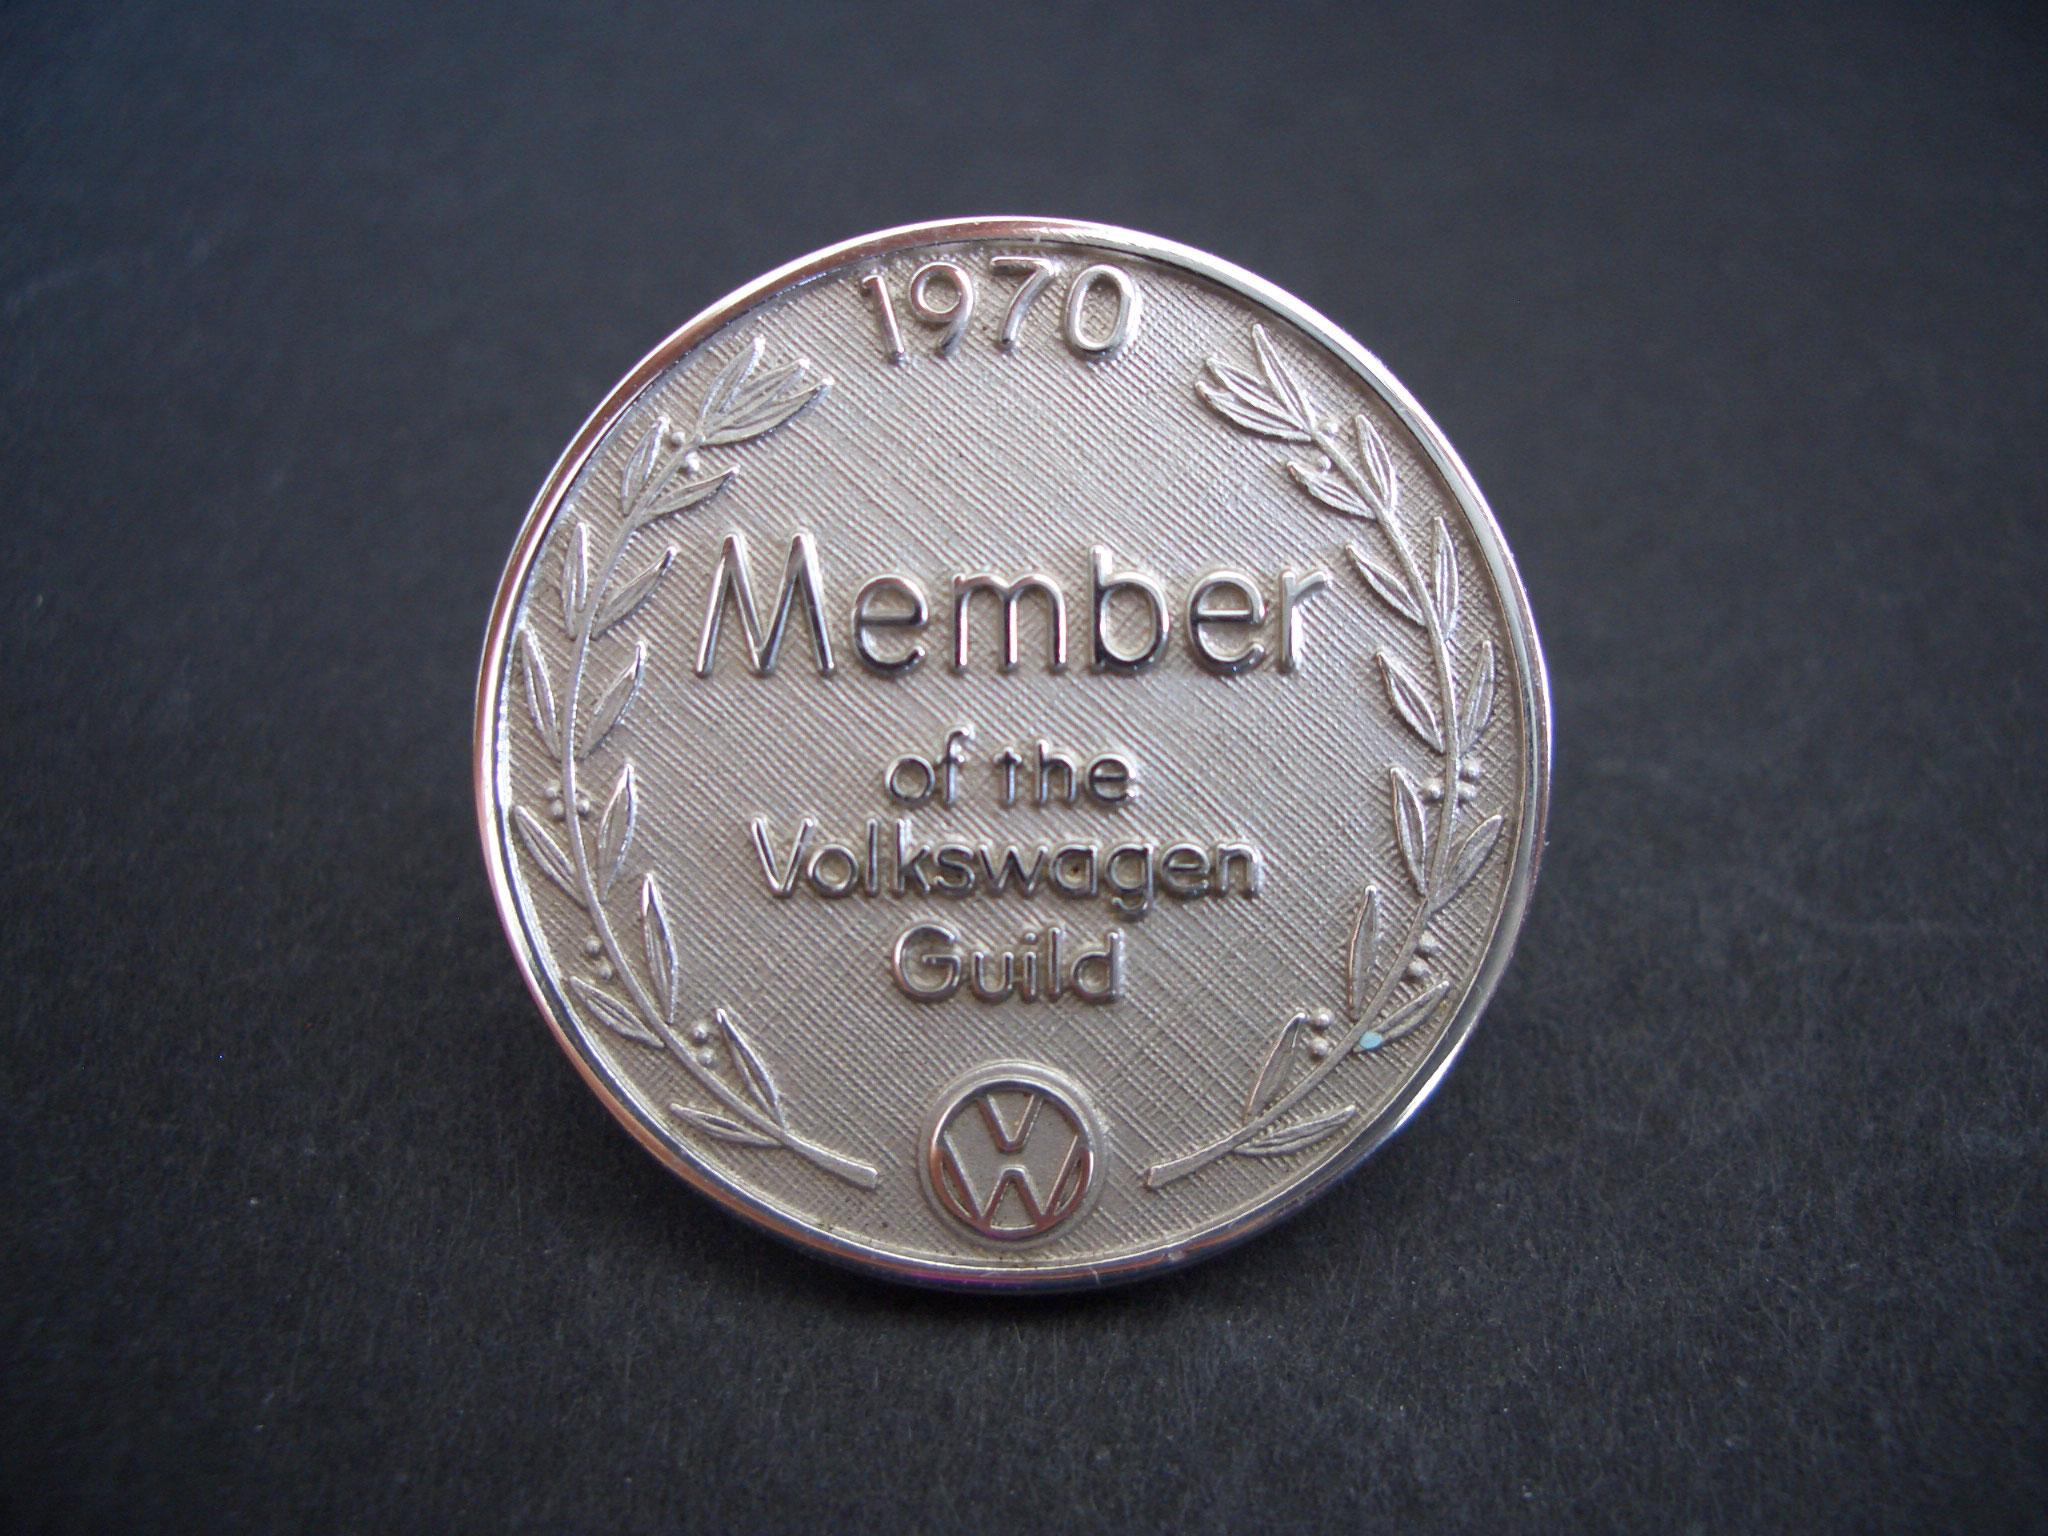 VW Pin von der Hauptversammlung 2001